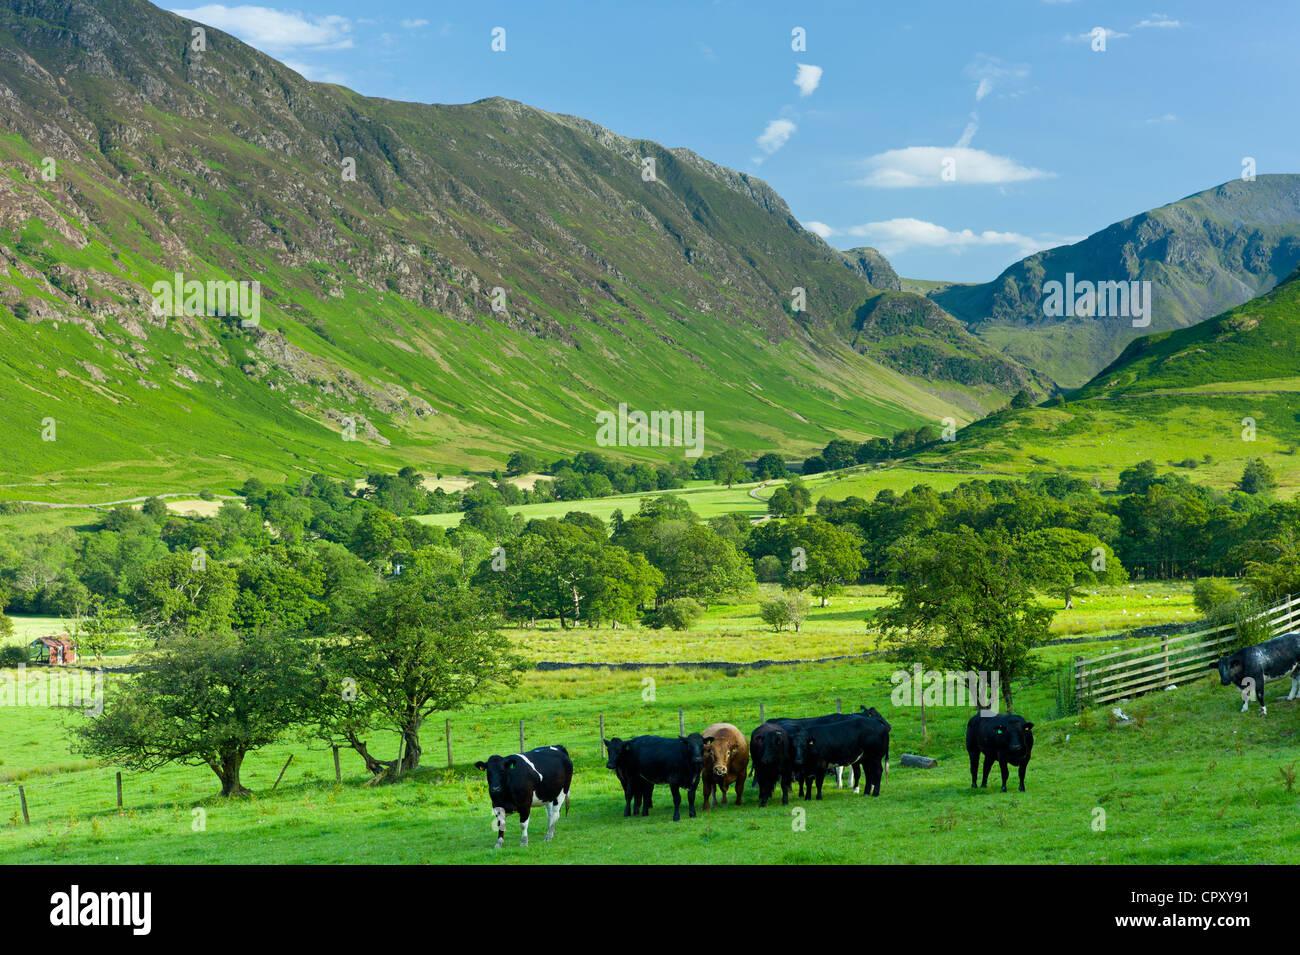 Cattle in pastureland by Maiden Moor in Derwent Fells, Cumbrian mountains near Derwentwater in Lake District National - Stock Image